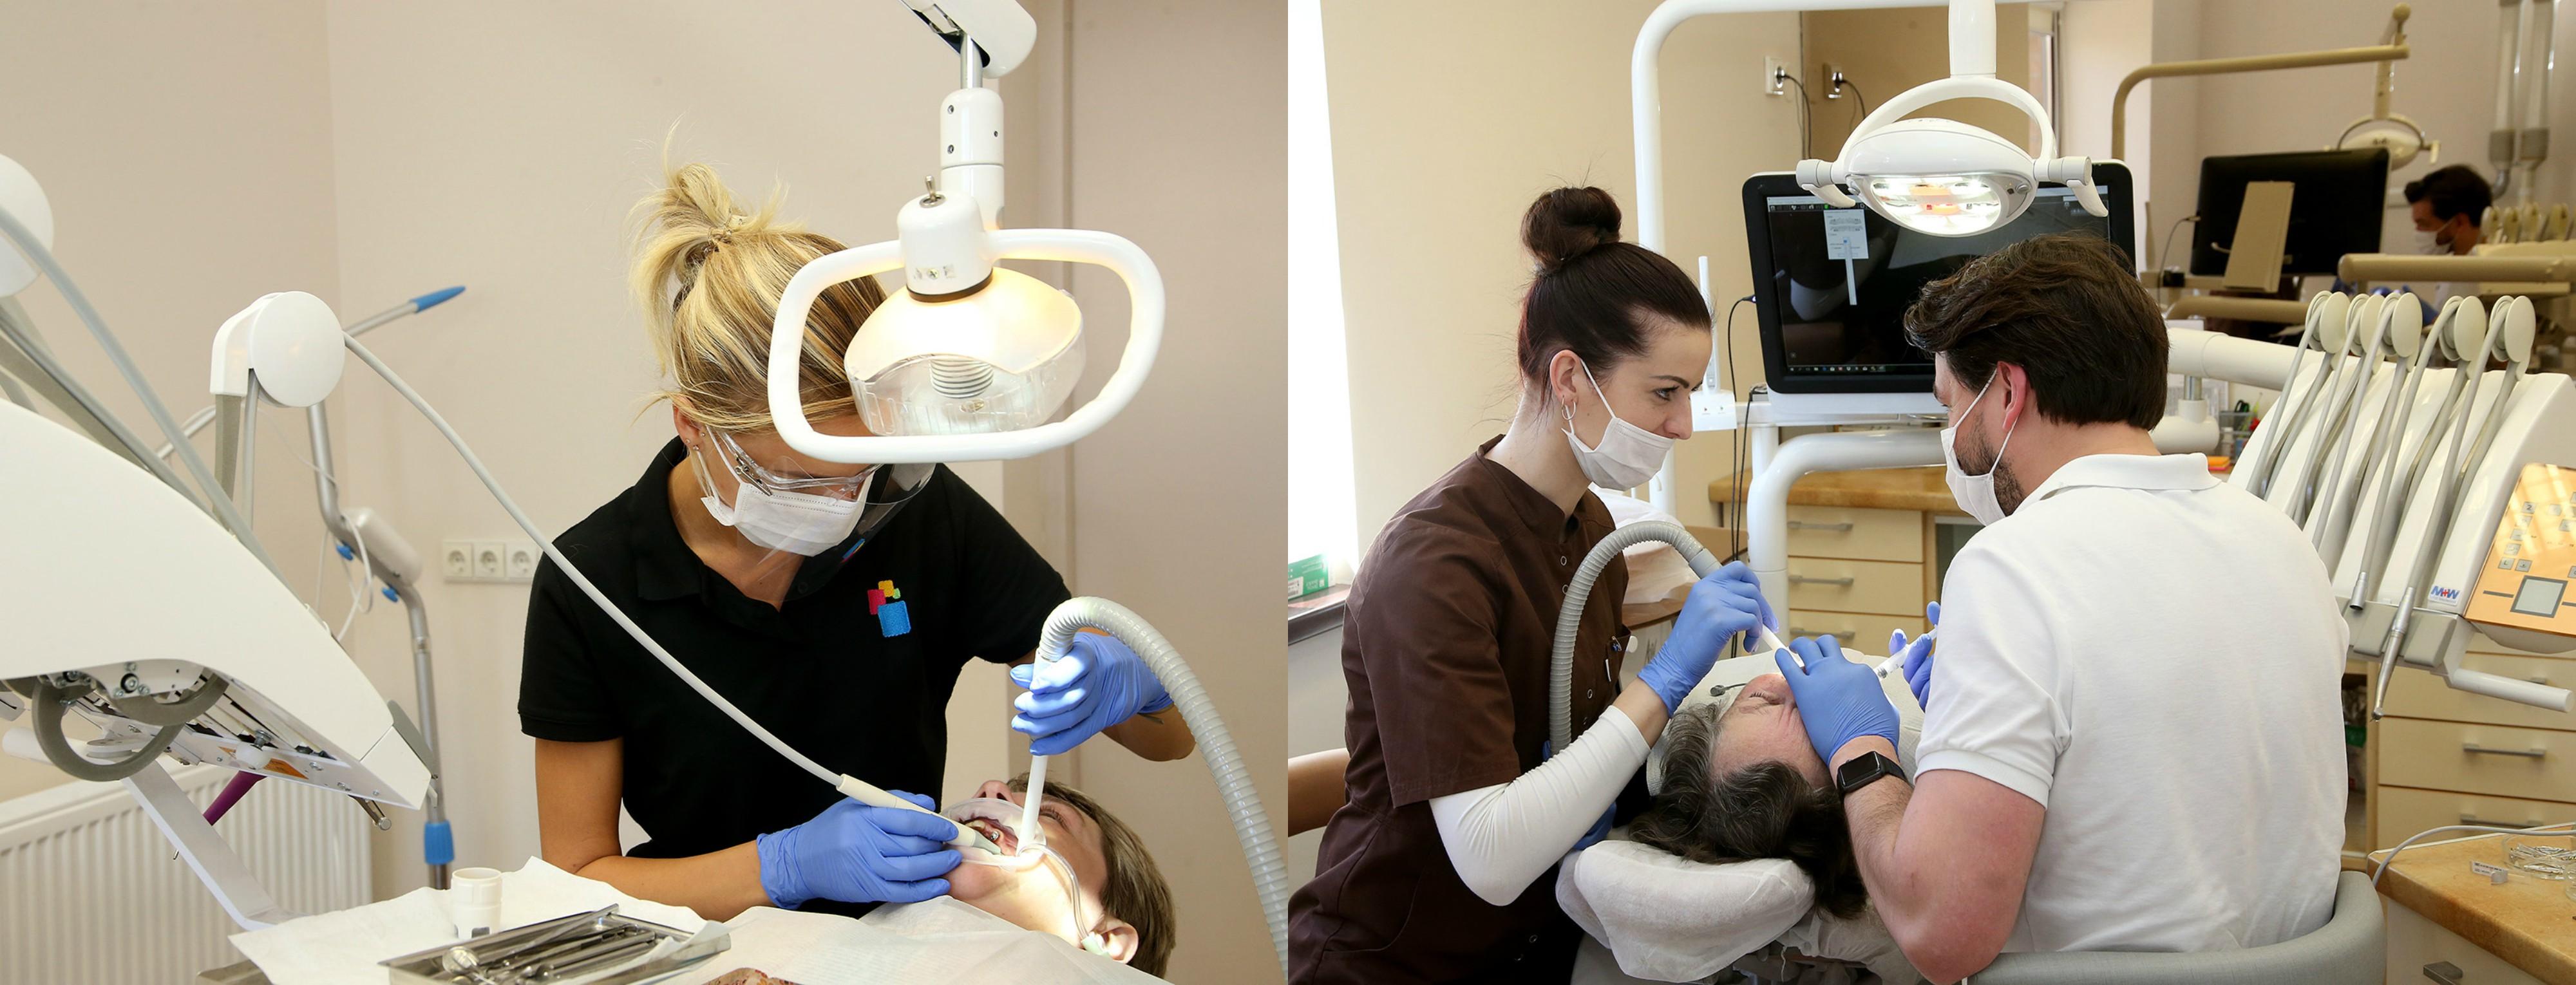 """Profesionalus rūpestis pacientų burnos ir dantų sveikata. Čia rasite platų paslaugų spektrą, moderniausius metodus susigąžinti prarastus dantis. A. Barzdžiaus nuotr., """"rinkosaikste.lt"""" koliažas"""